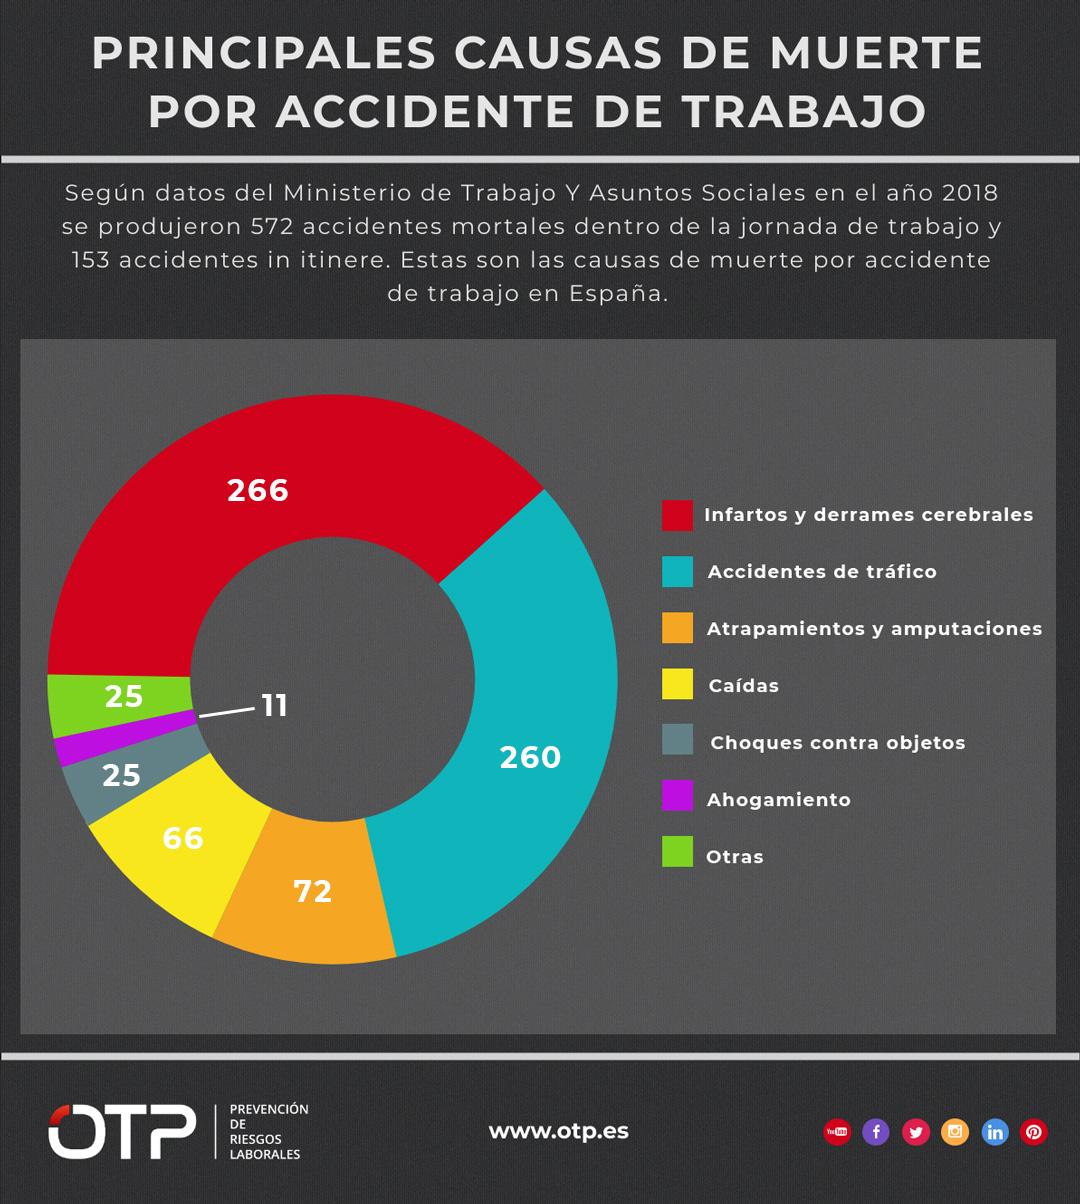 causas de muerte por accidente de trabajo en españa 2